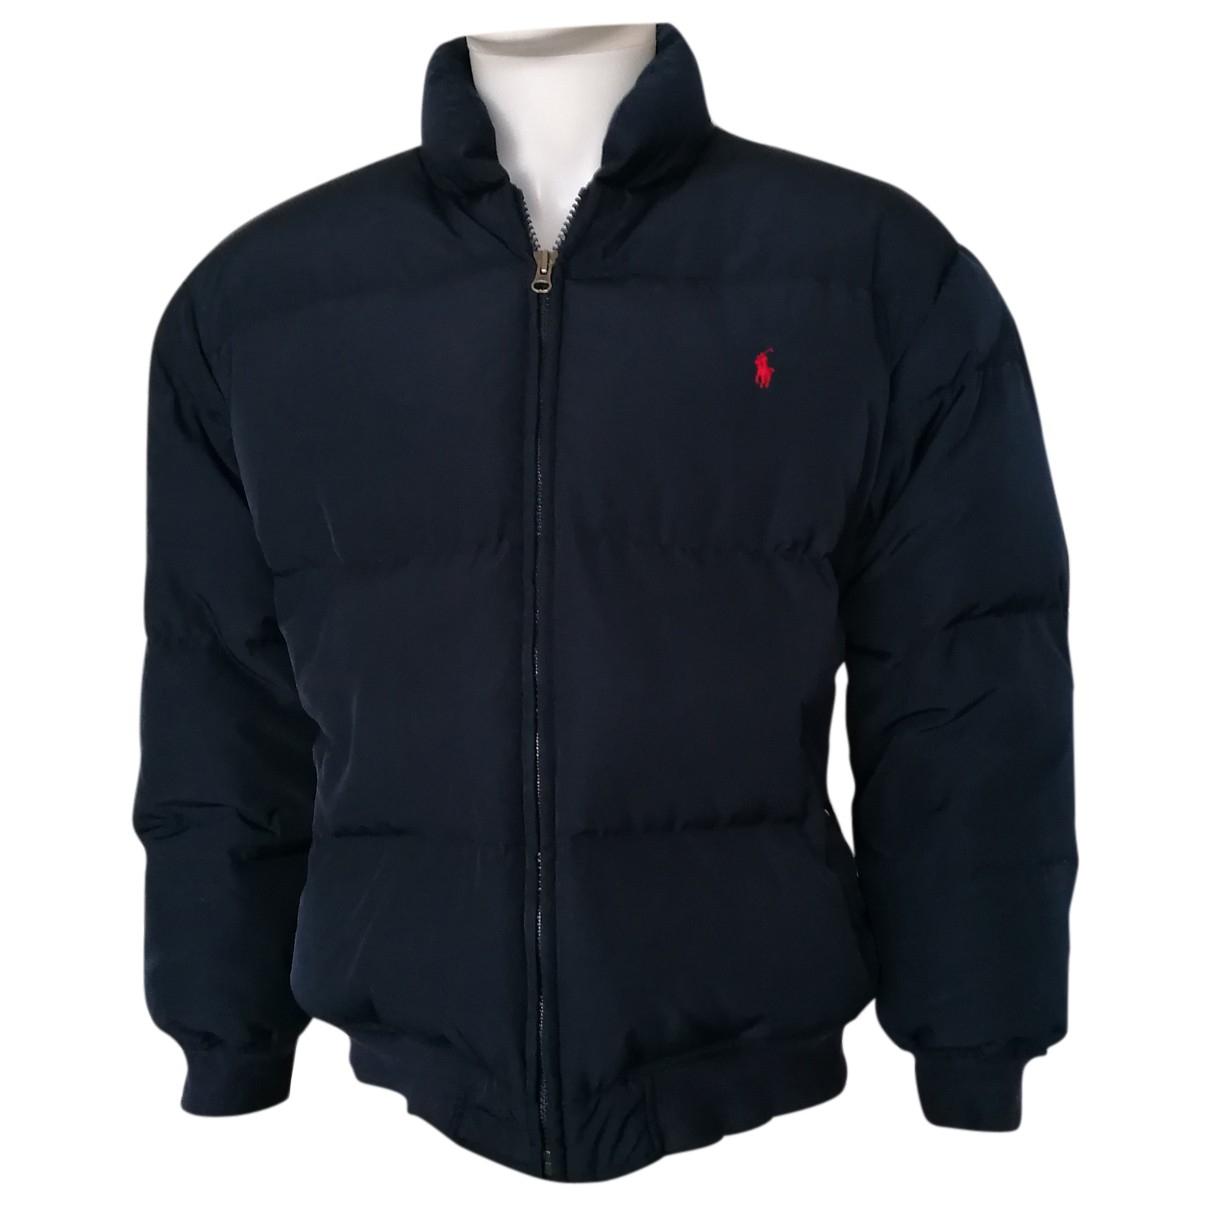 Polo Ralph Lauren - Vestes.Blousons   pour homme en autre - bleu